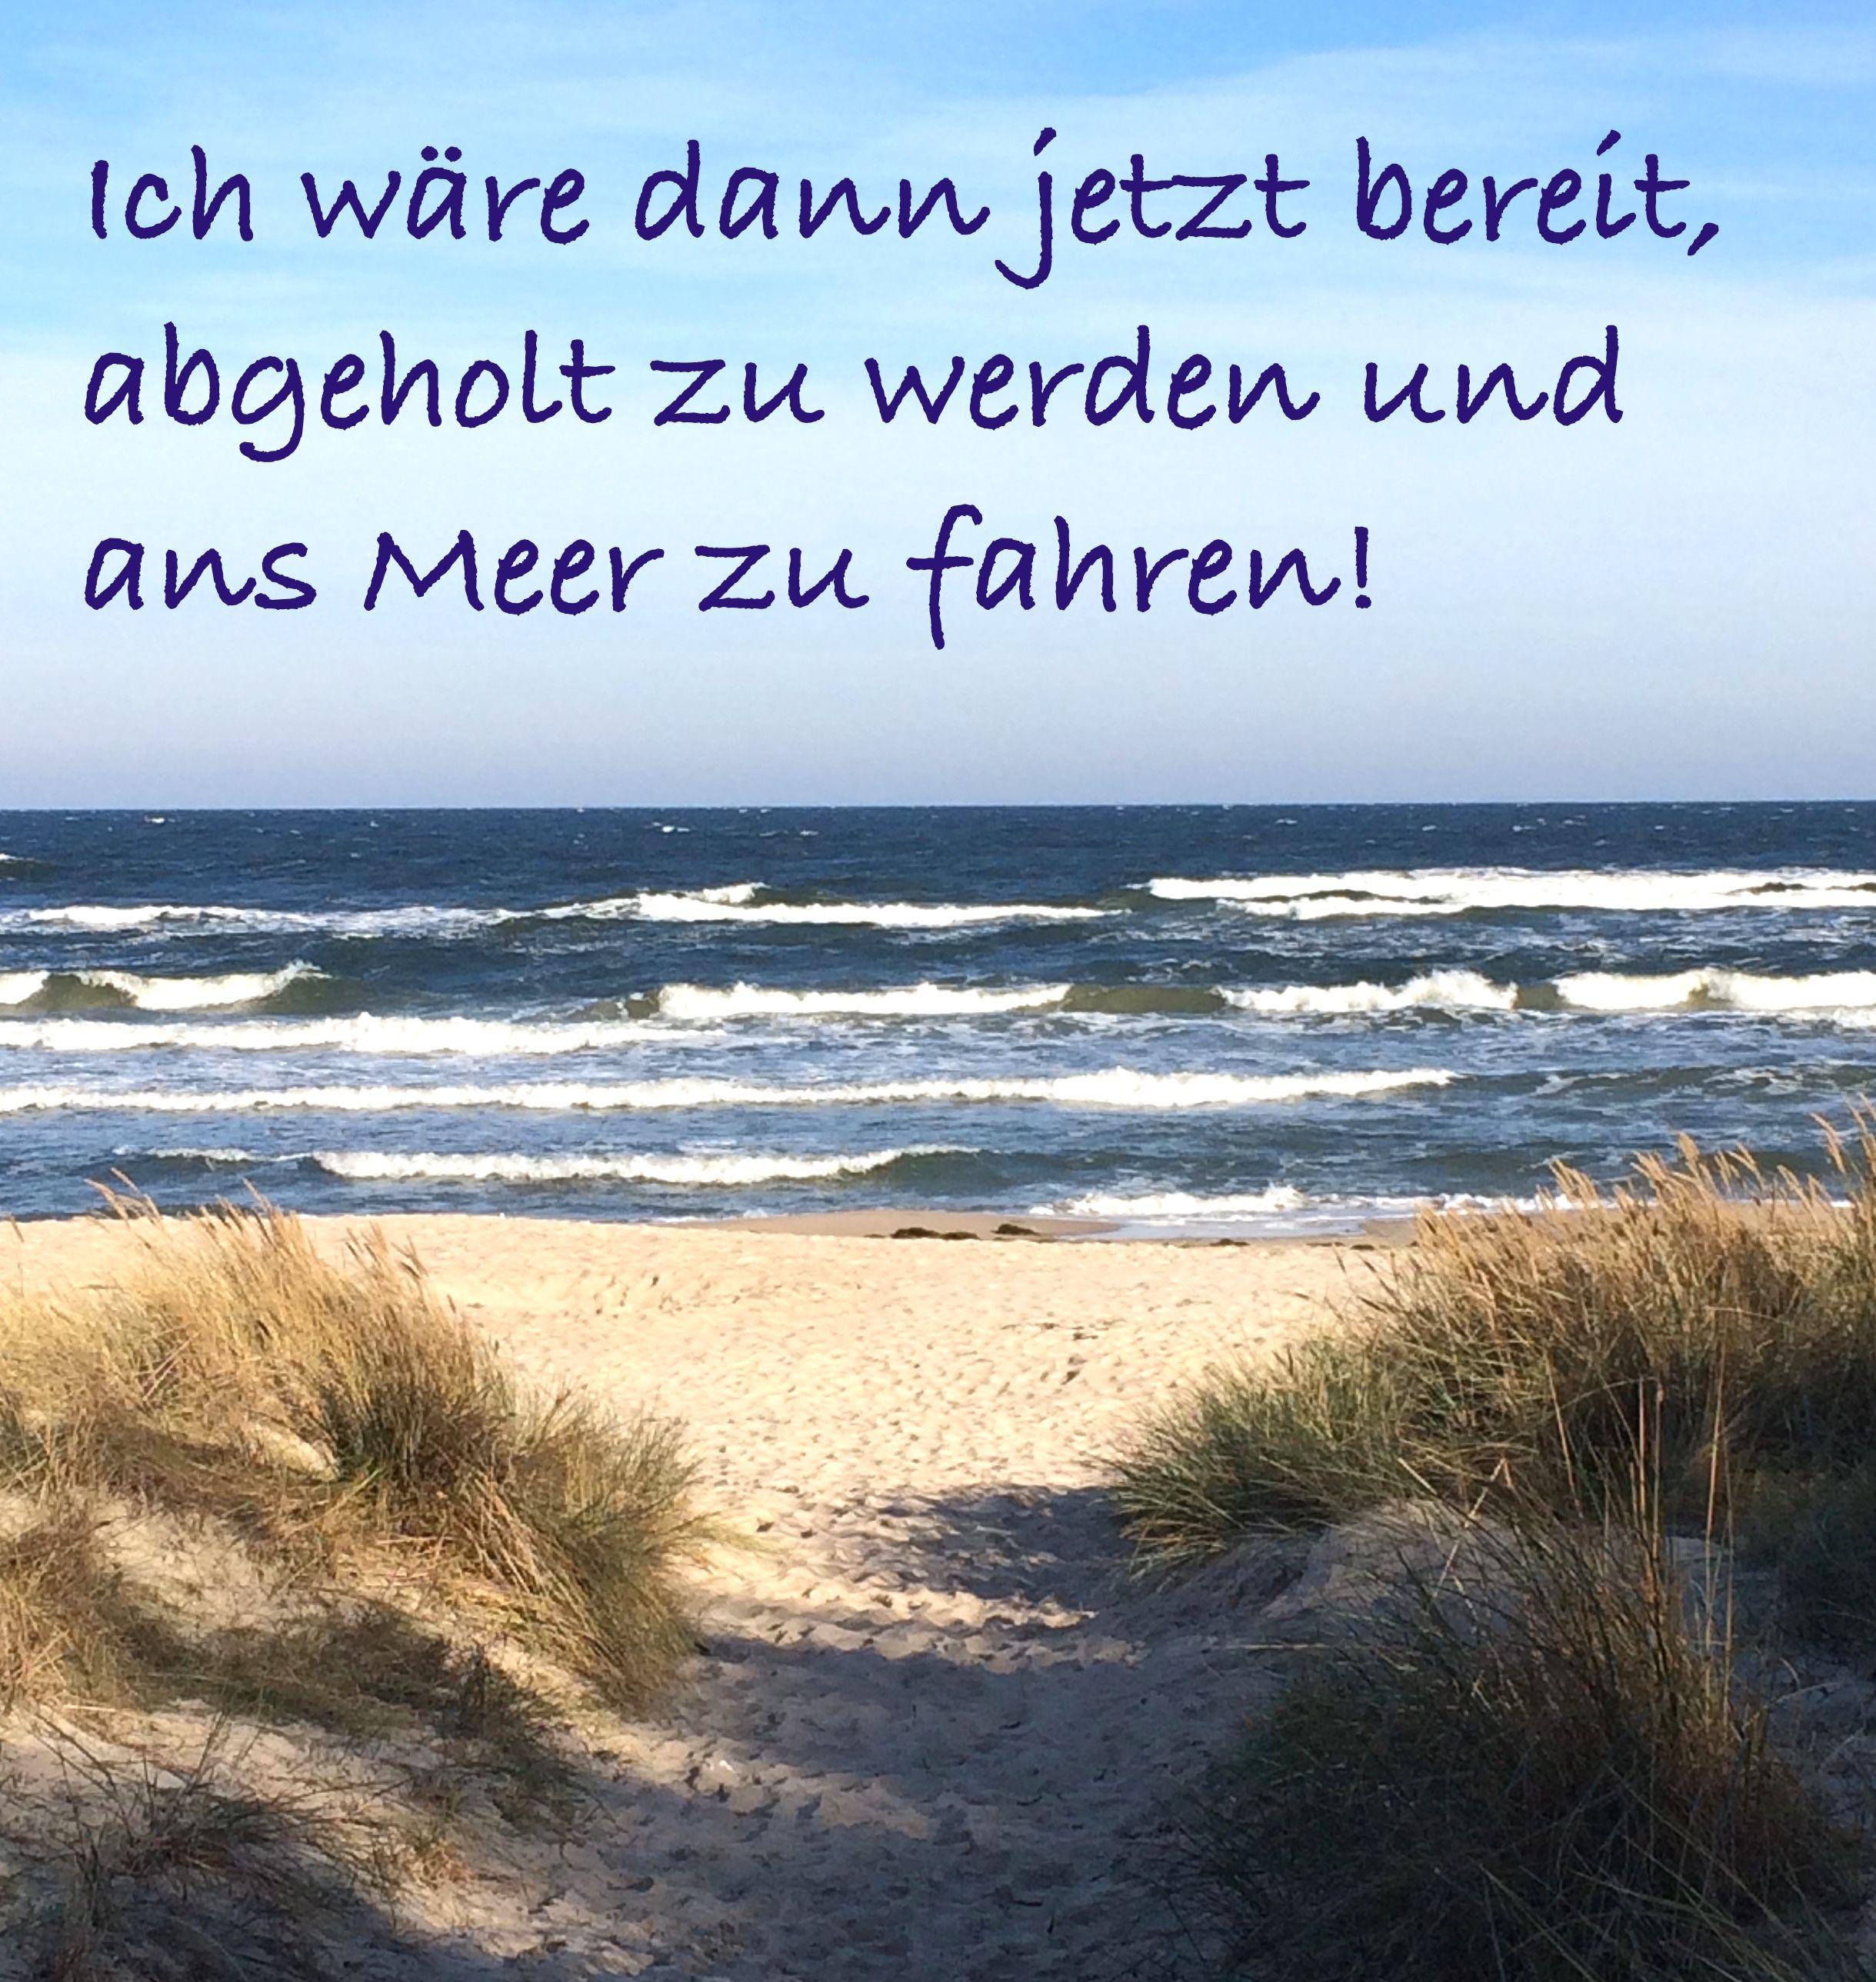 Urlaubssprüche | Bnbnews.co